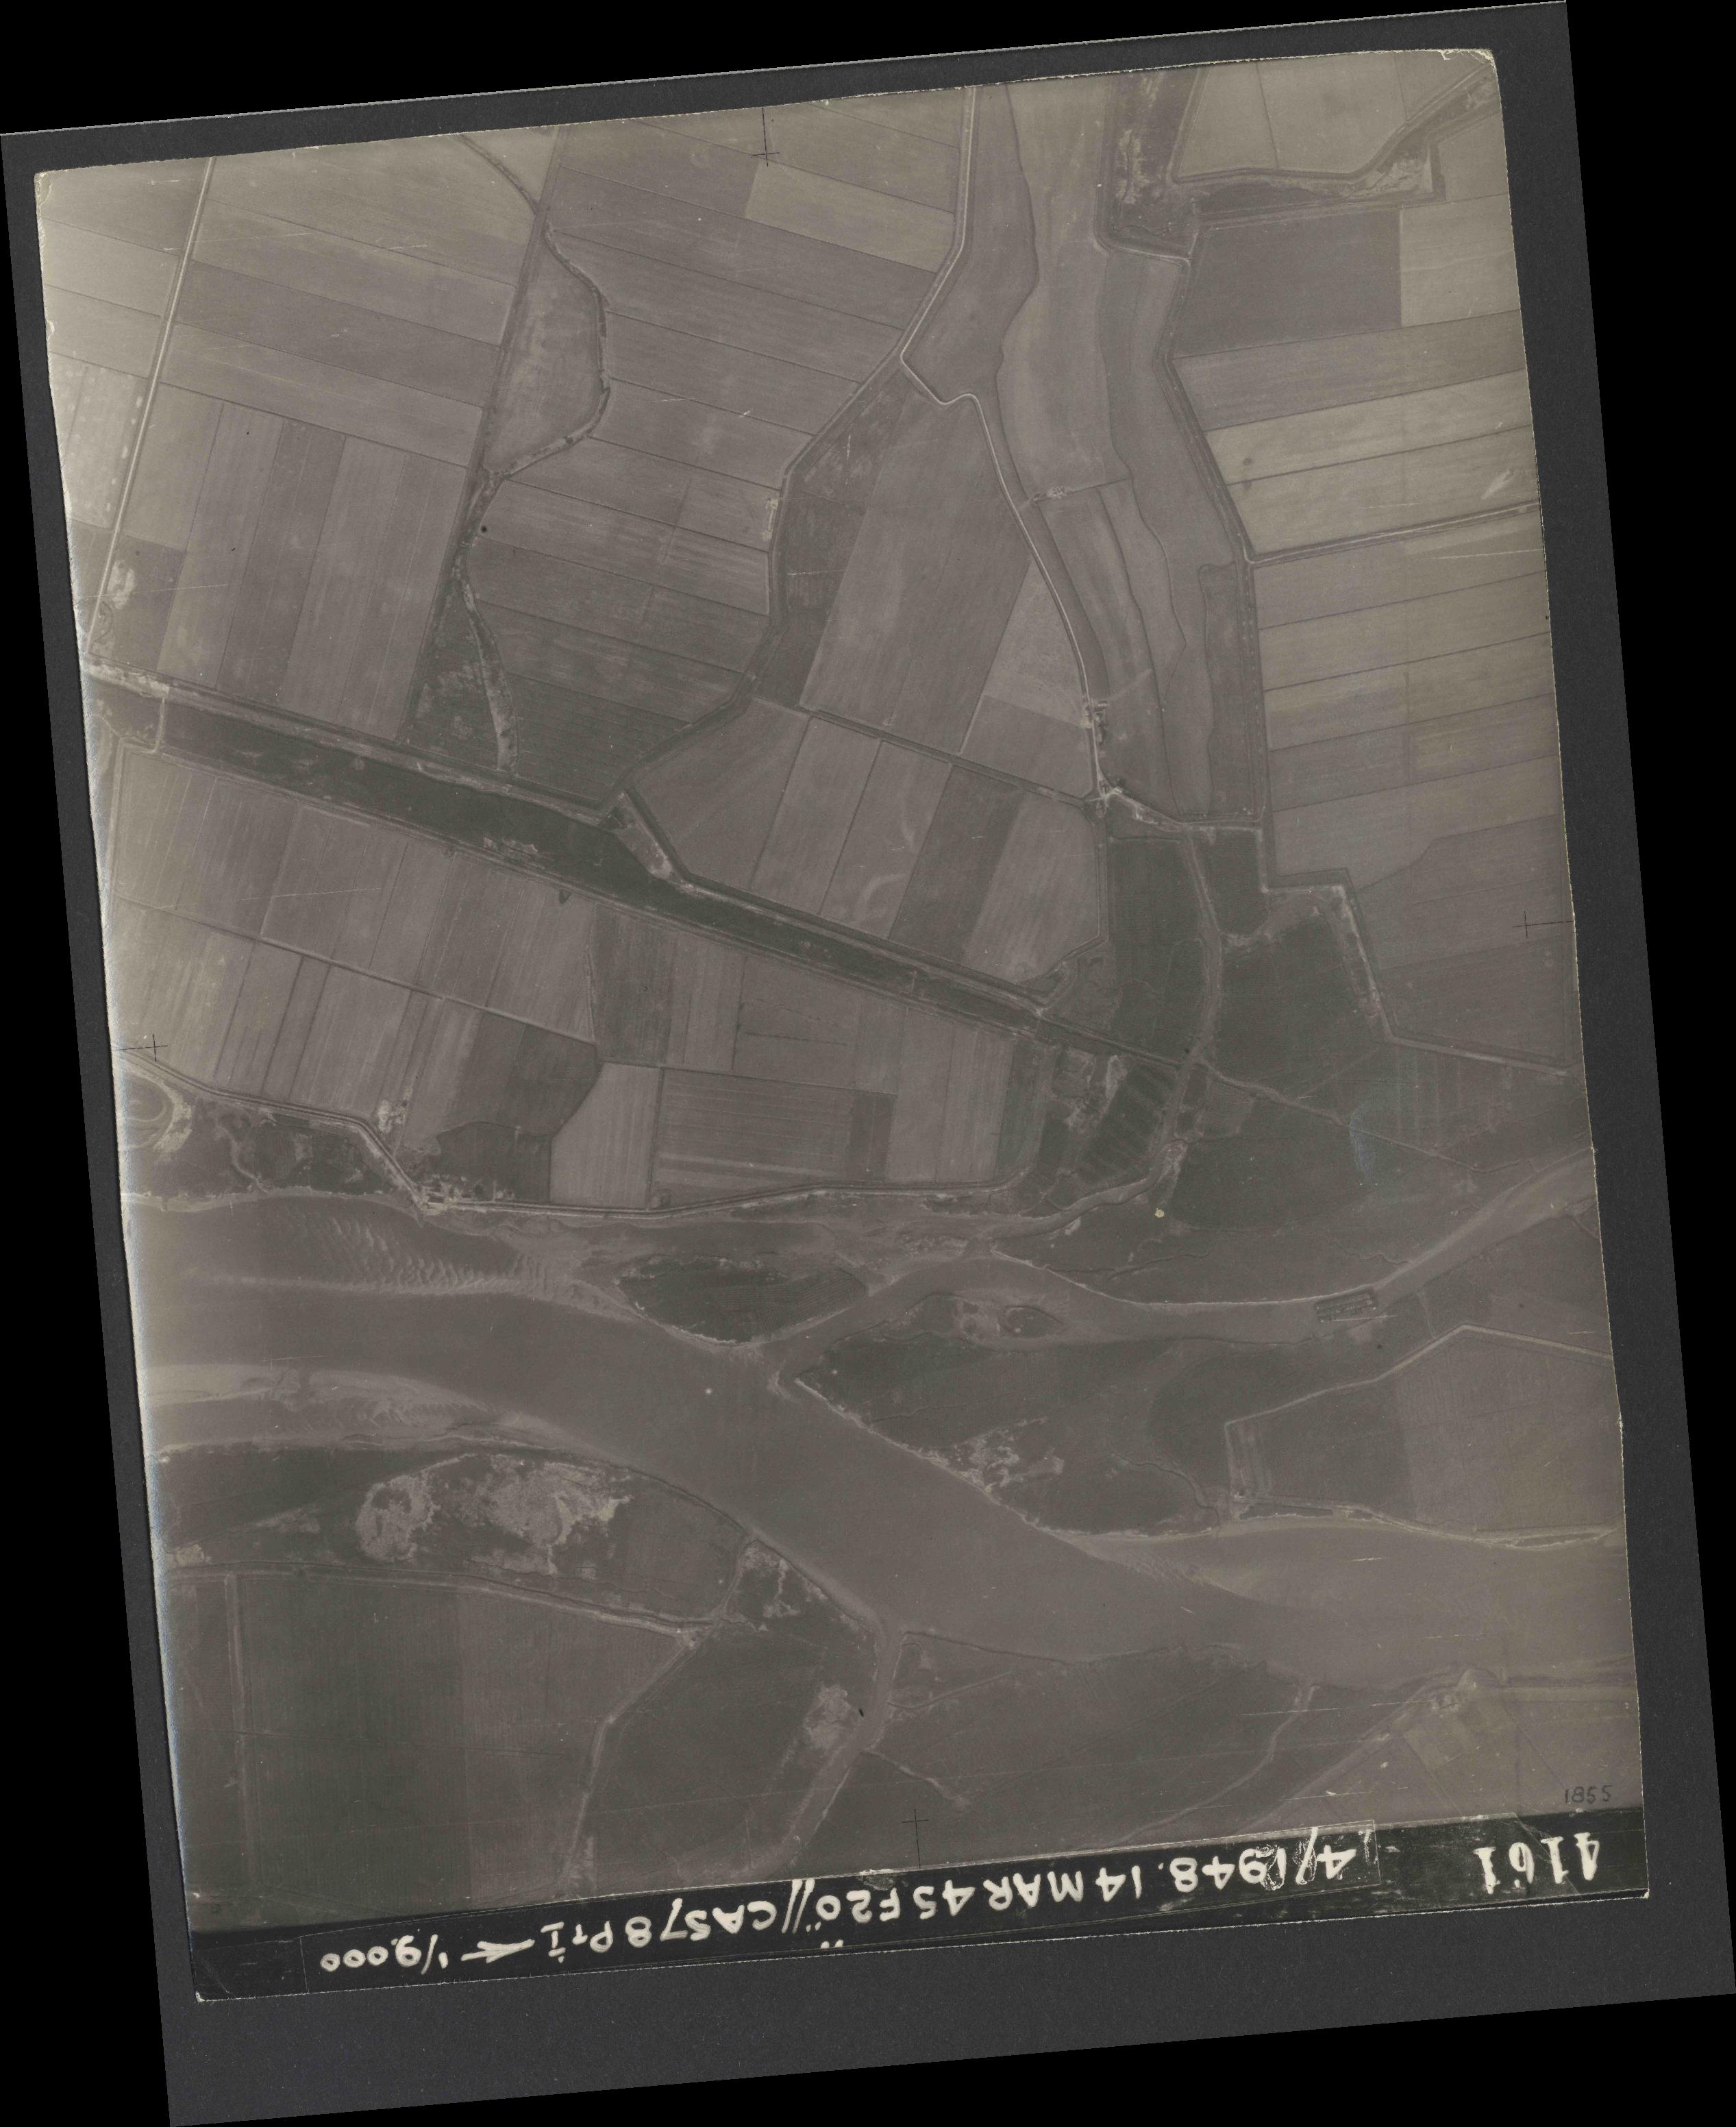 Collection RAF aerial photos 1940-1945 - flight 095, run 04, photo 4161